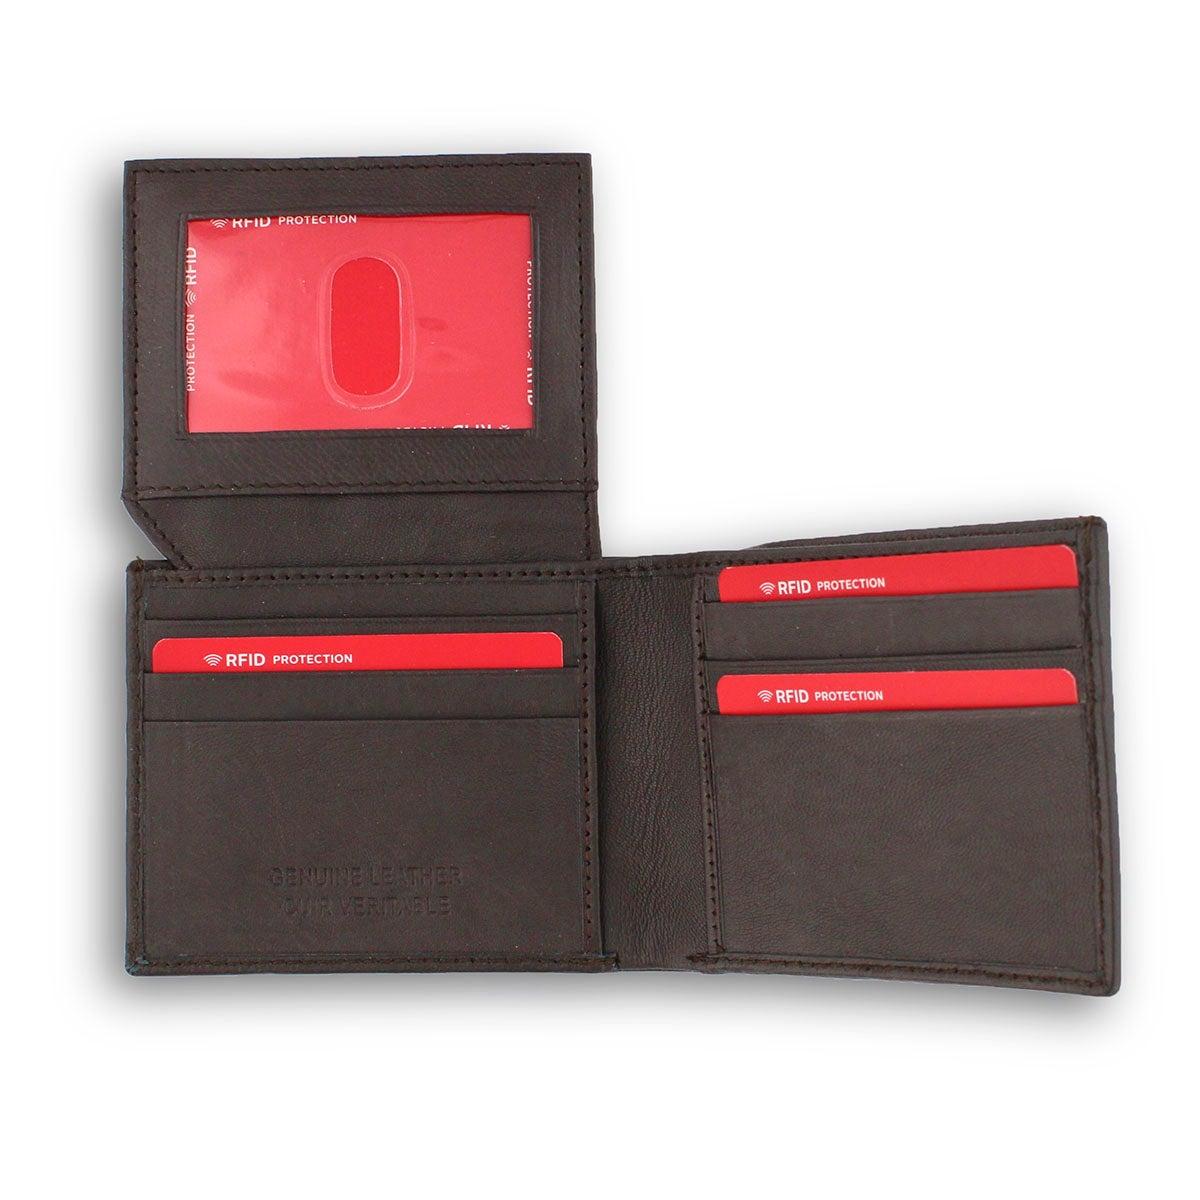 Mns brown genuine leather RFID wallet